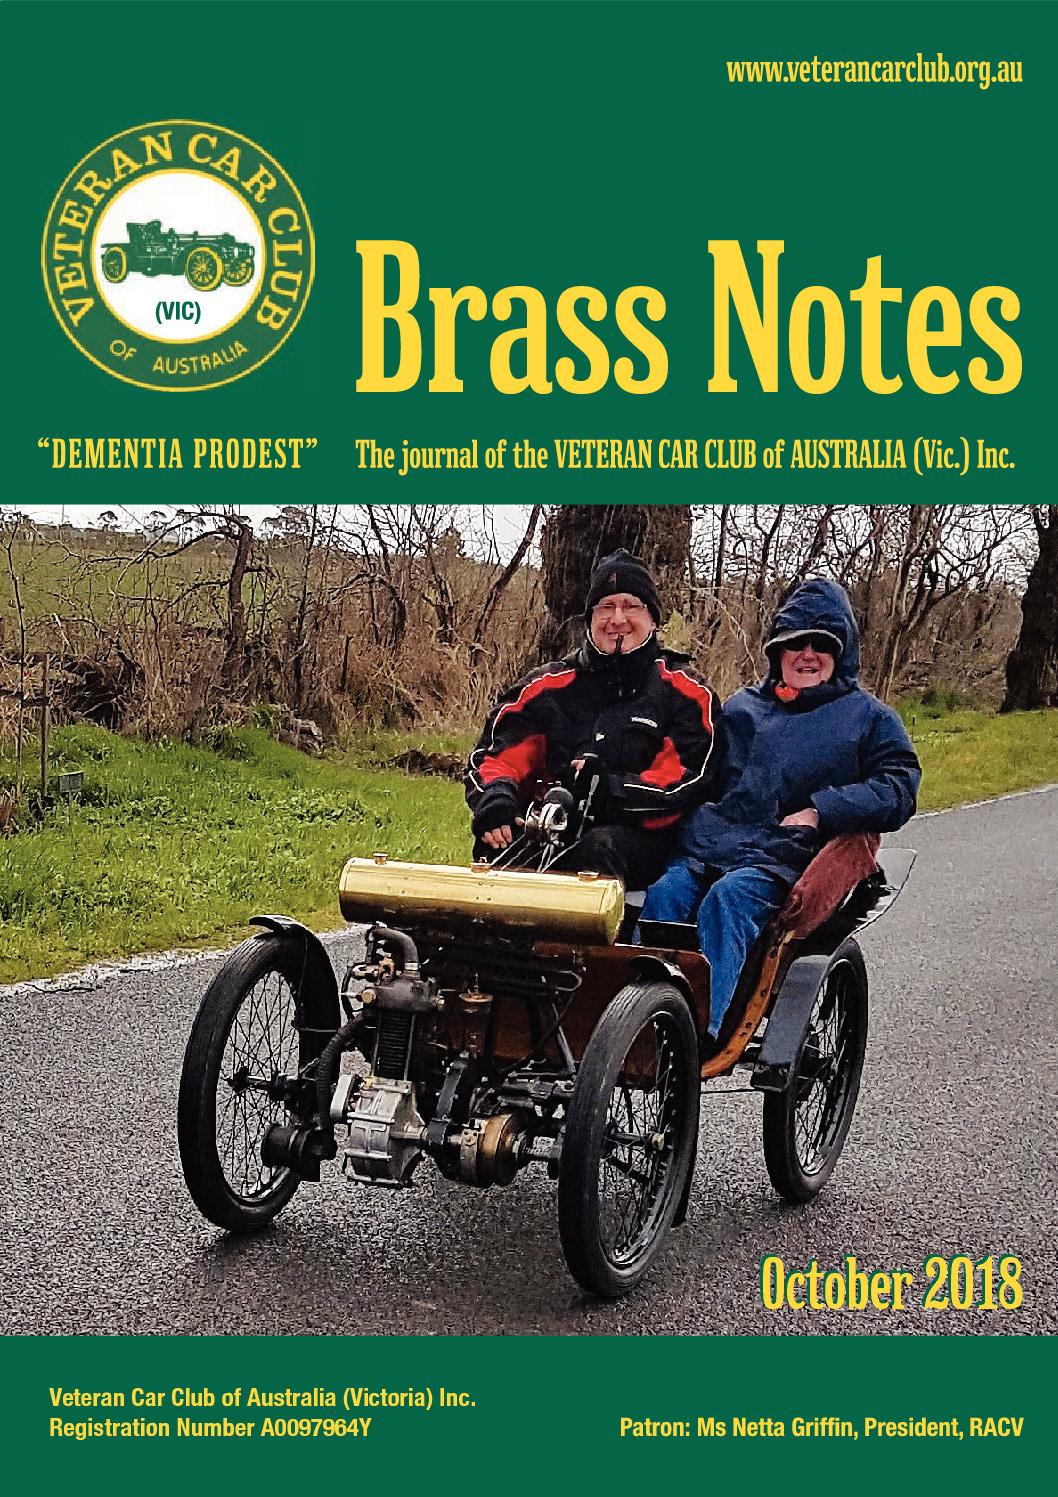 Brass Notes October 2018